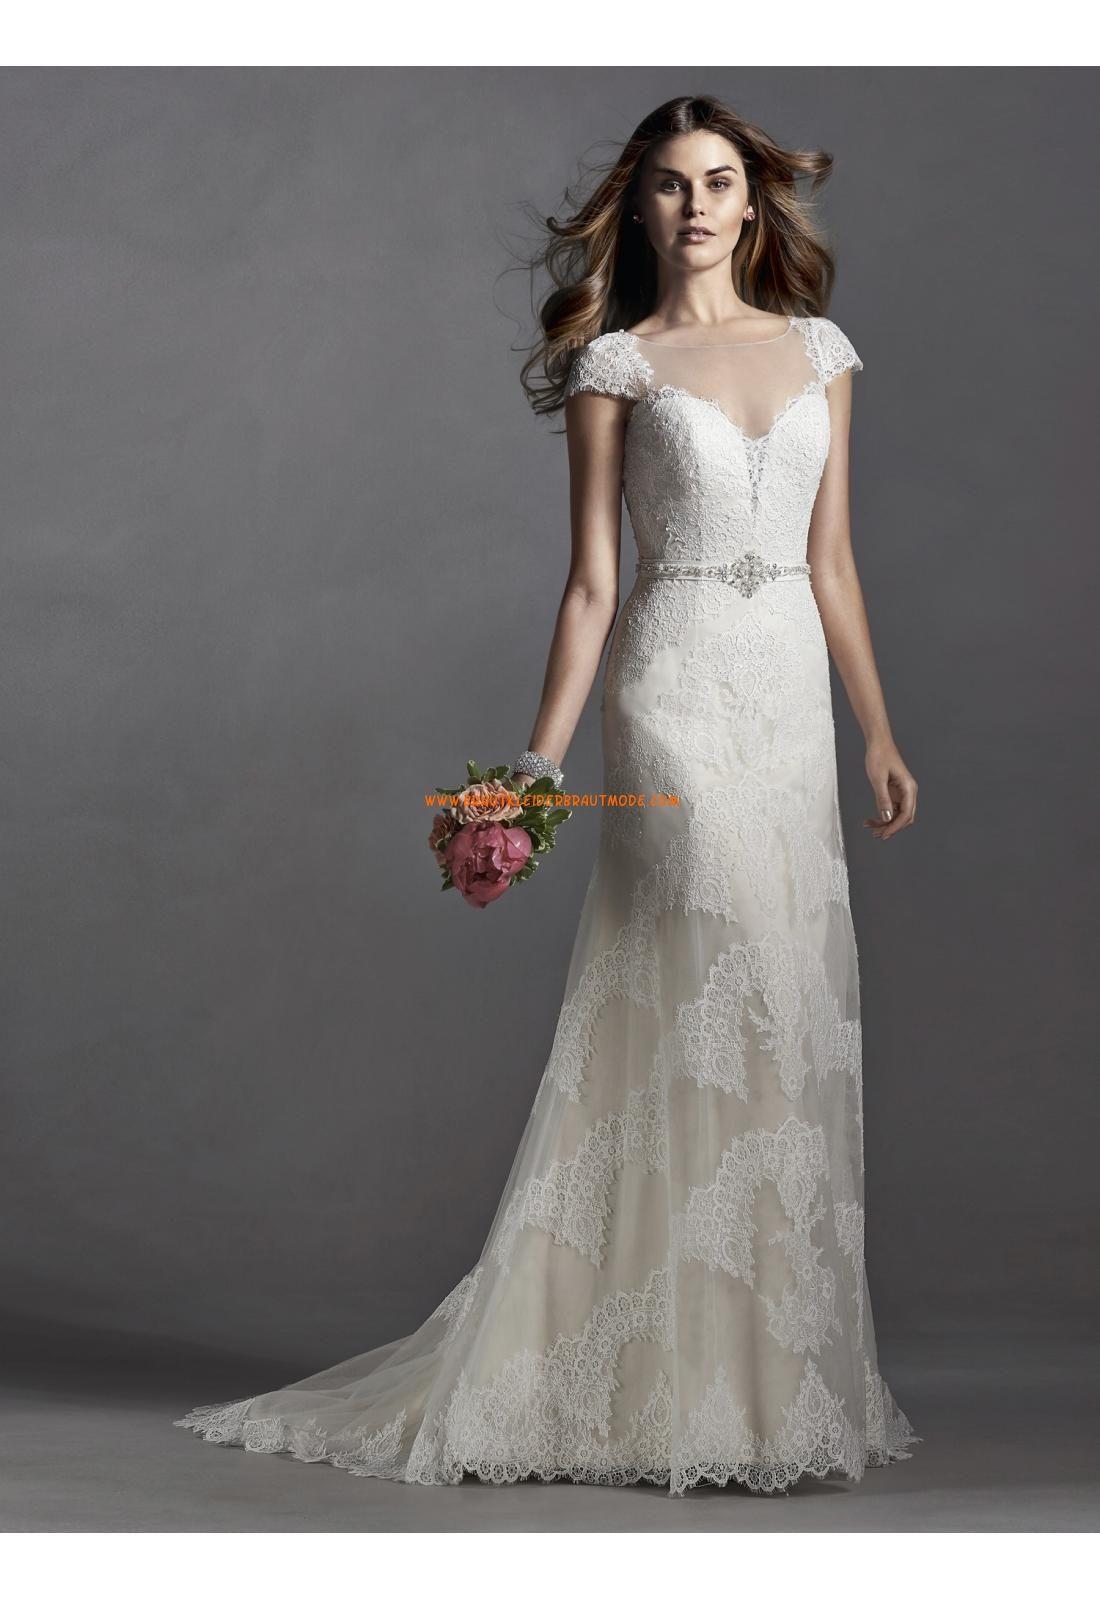 Meerjungfrau Schöne Ausgefallene Brautkleider aus Tüll mit ...